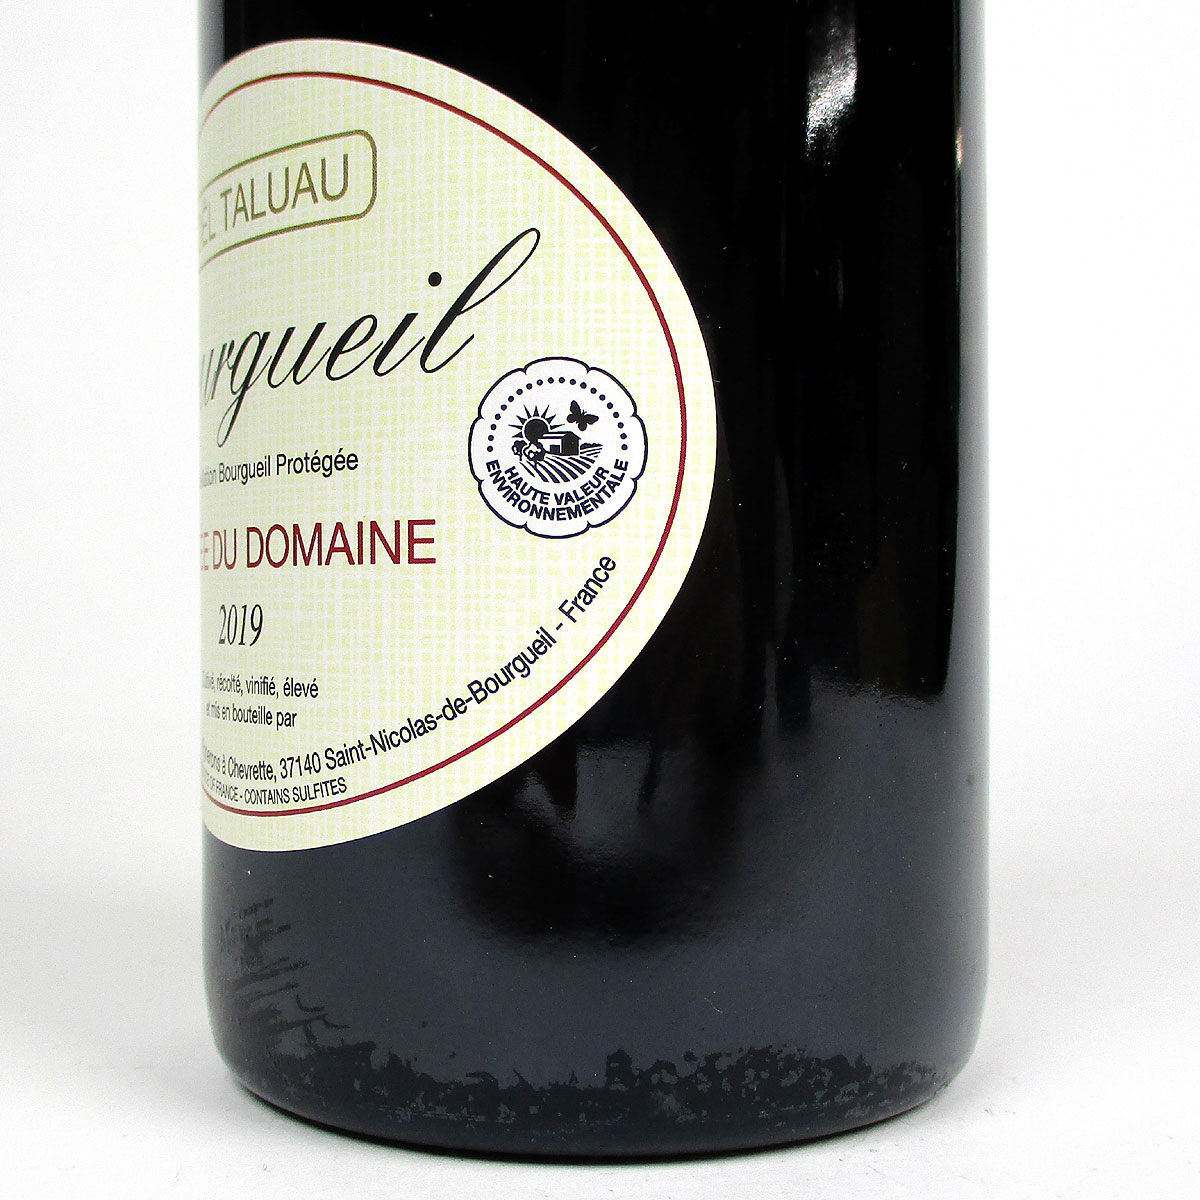 Bourgueil: Domaine Taluau-Foltzenlogel 2019 - Bottle Label - Haut Valeur Environnementale